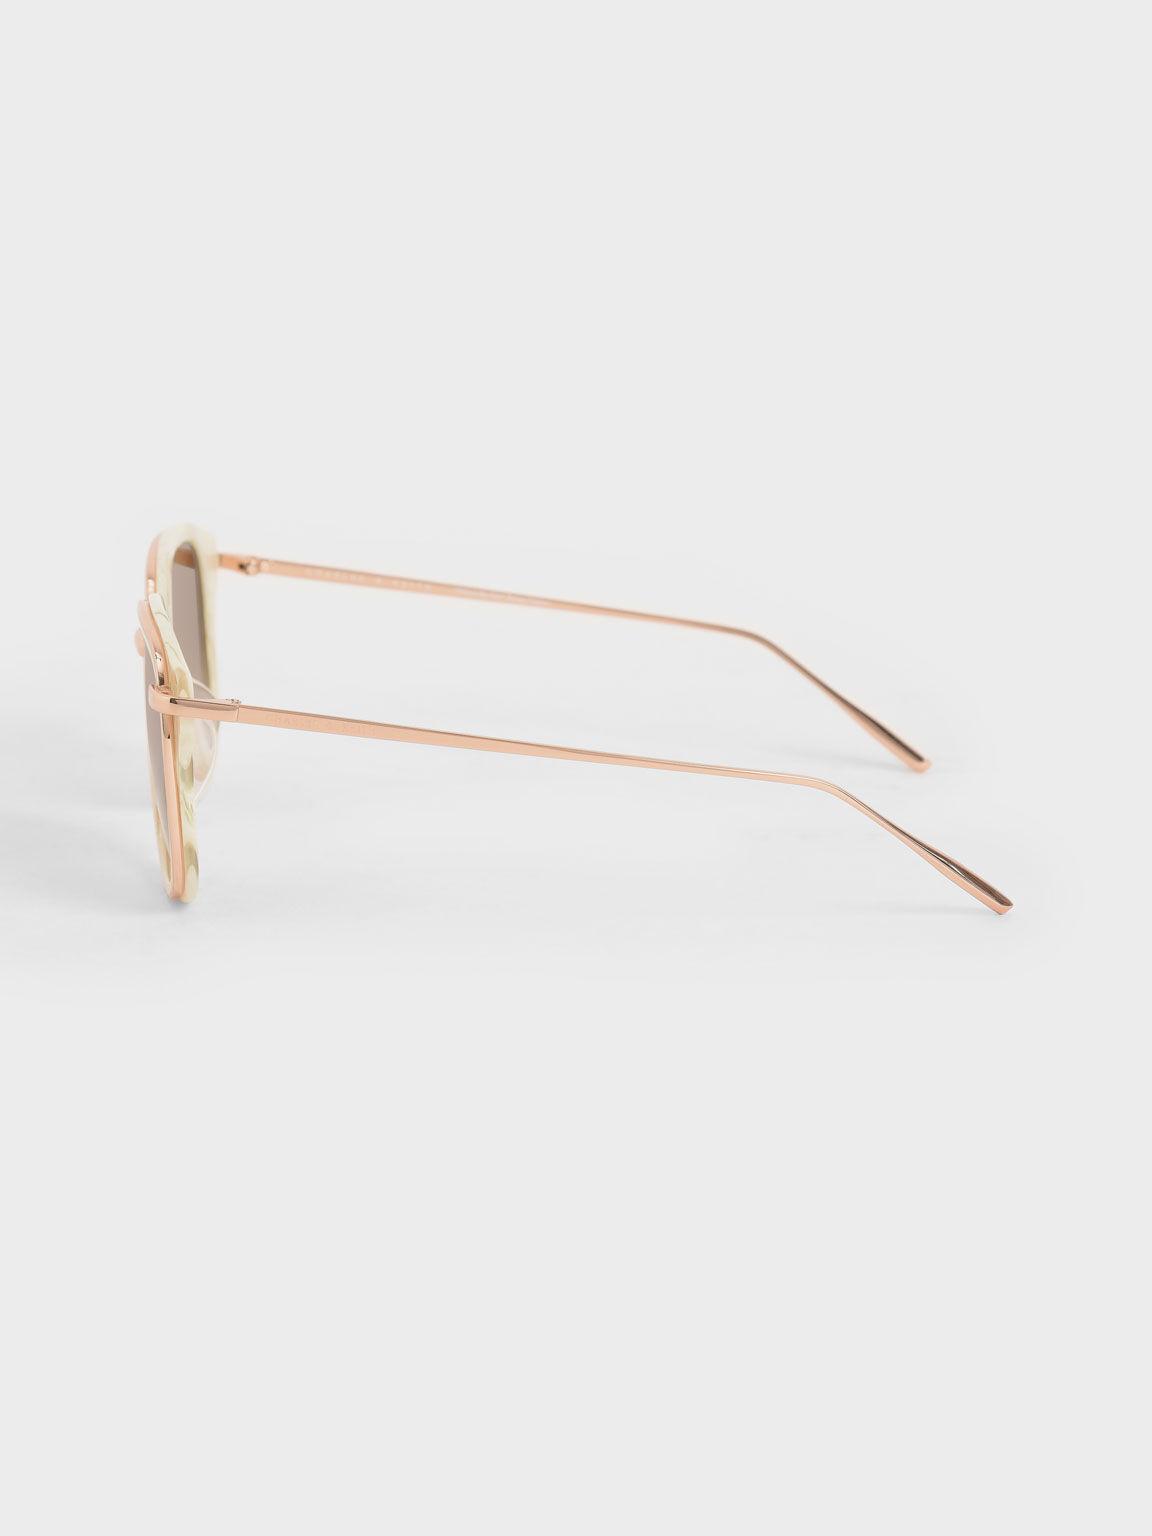 橢圓粗框墨鏡, 奶油色, hi-res